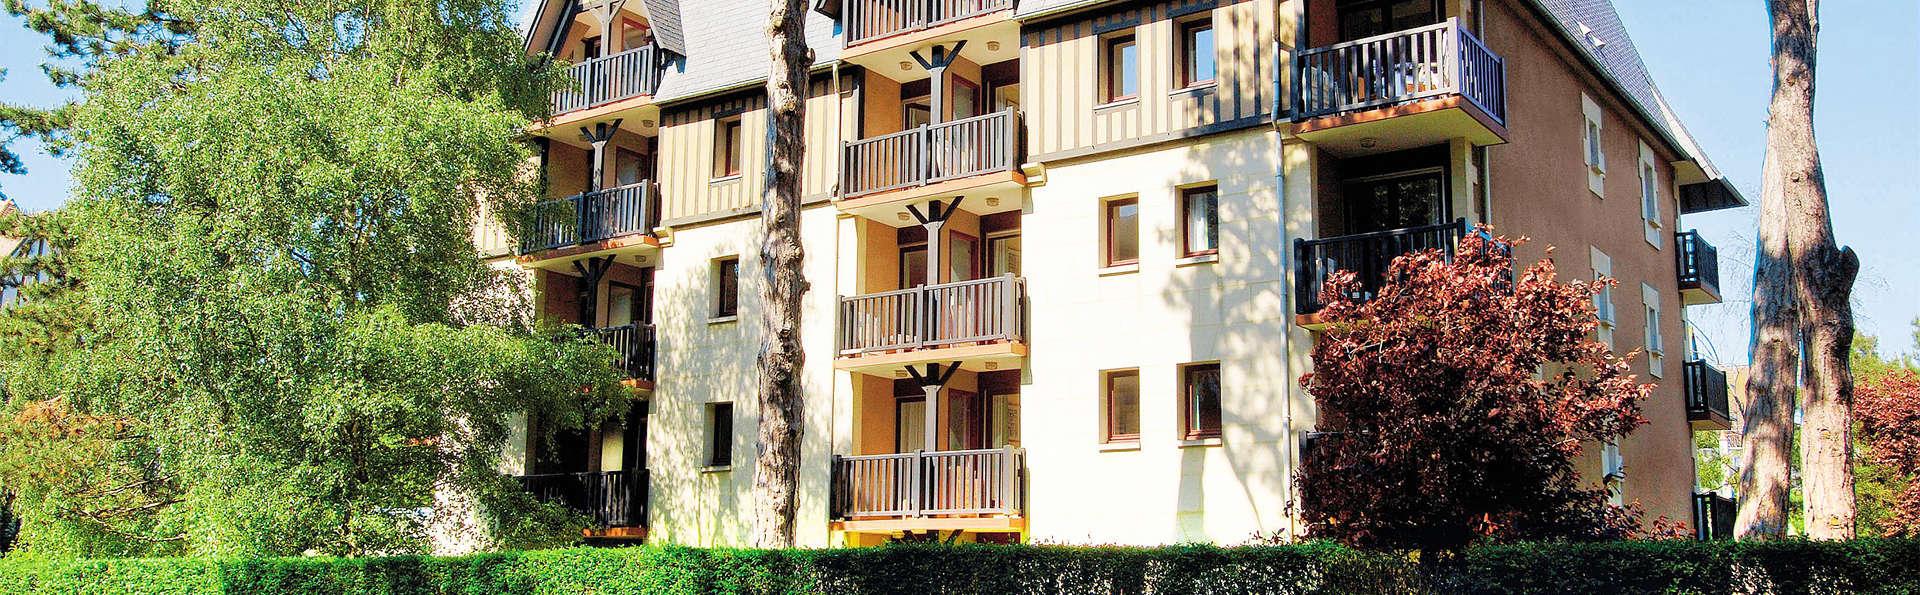 Pierre et Vacances Résidence Les Embruns Deauville - EDIT_front2.jpg